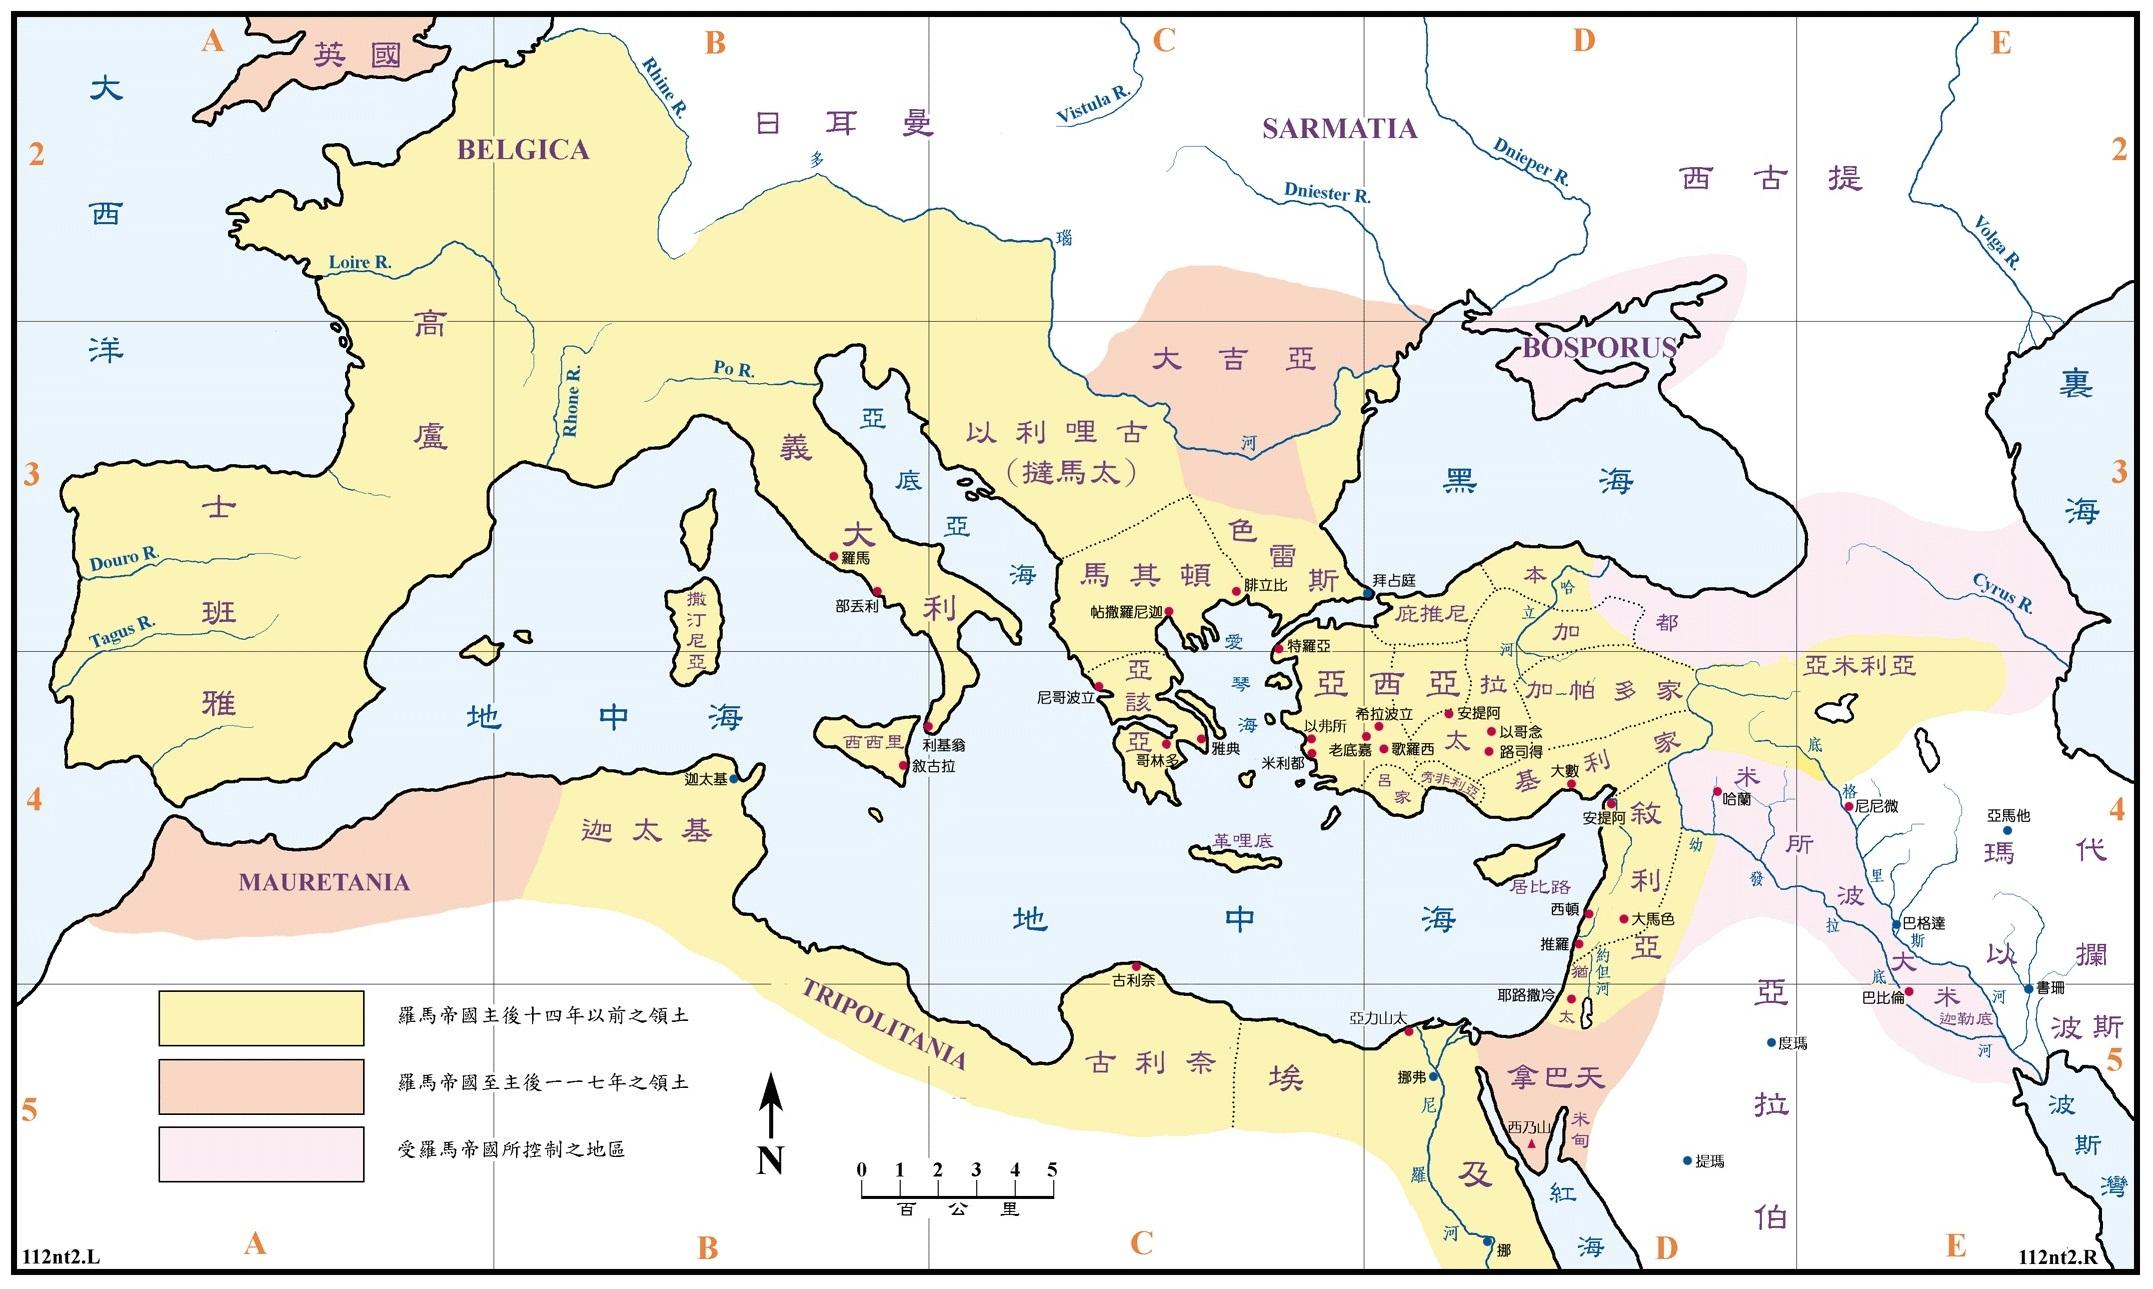 上图:以利哩古位于马其顿北方、亚得里亚海东岸。保罗传福音的脚踪从耶路撒冷经过小亚细亚、希腊一直到以利哩古,已经踏遍了地中海的东部。他下一步的目标是地中海的西部,第一站就应该到地中海中部的罗马。